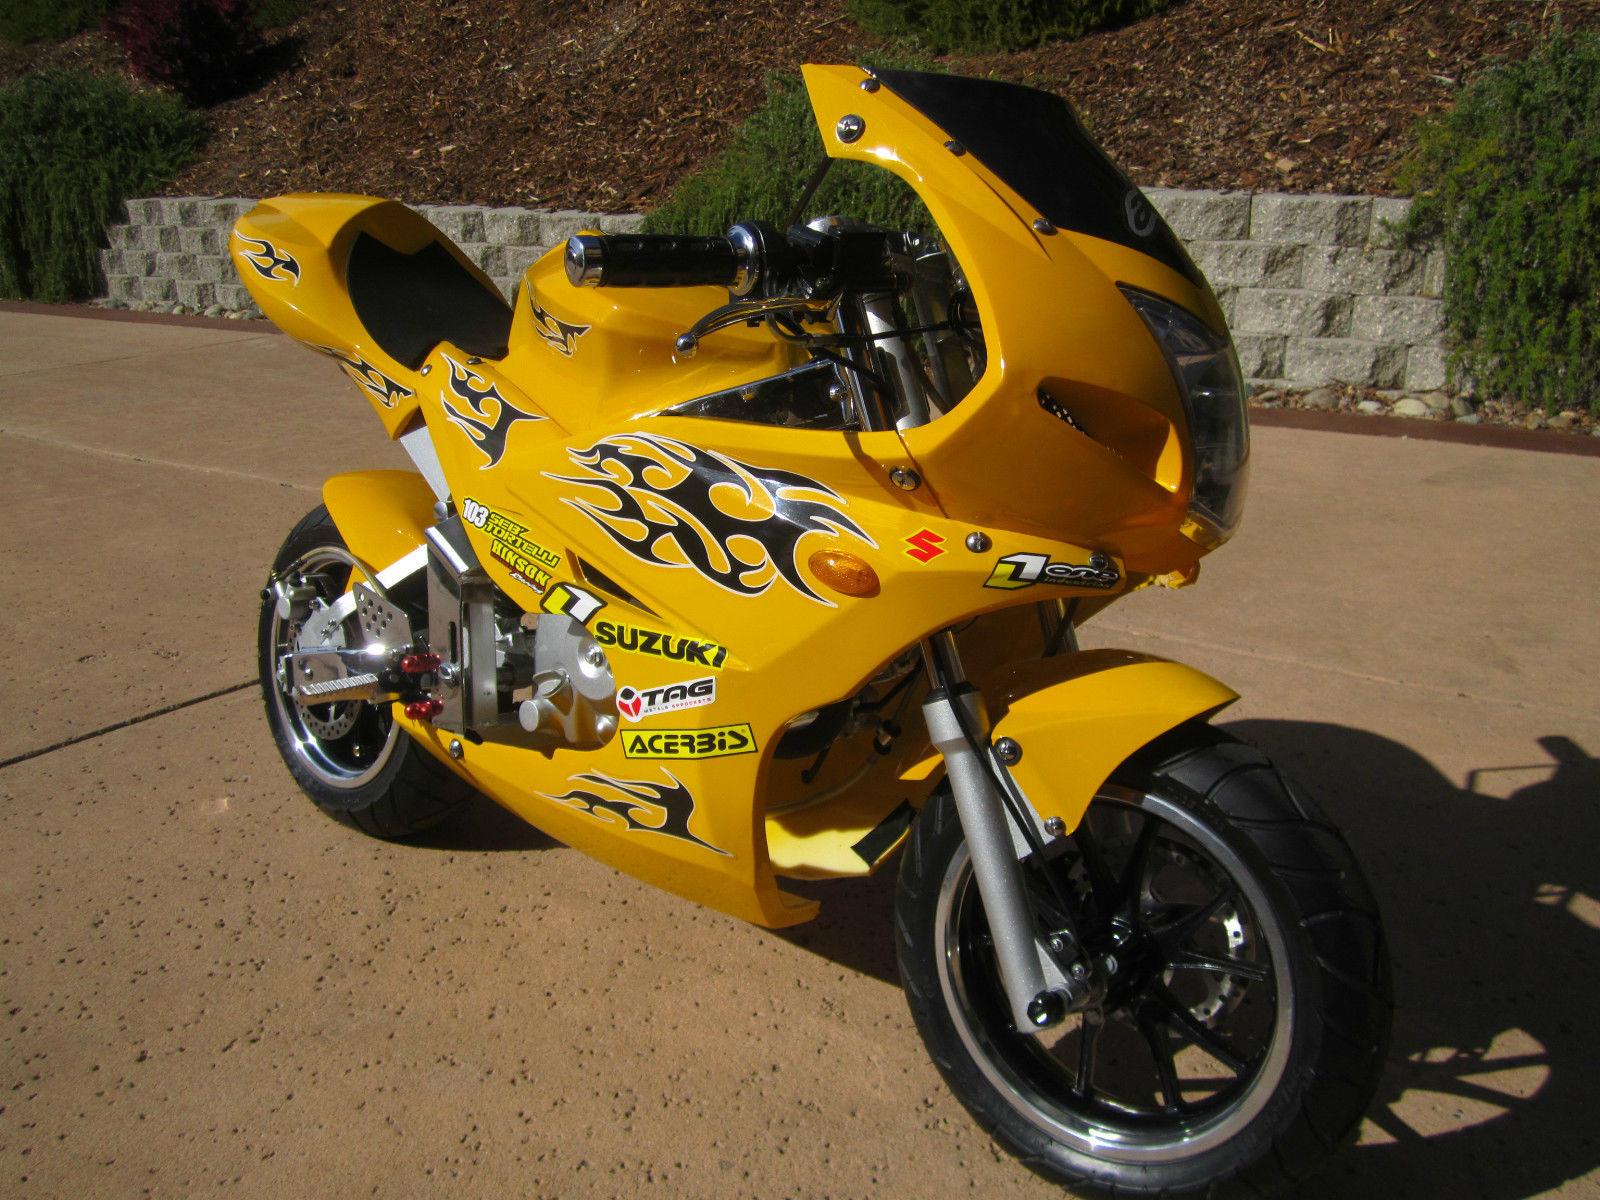 cafe racer custom super pocket bike 125cc race wide tires. Black Bedroom Furniture Sets. Home Design Ideas